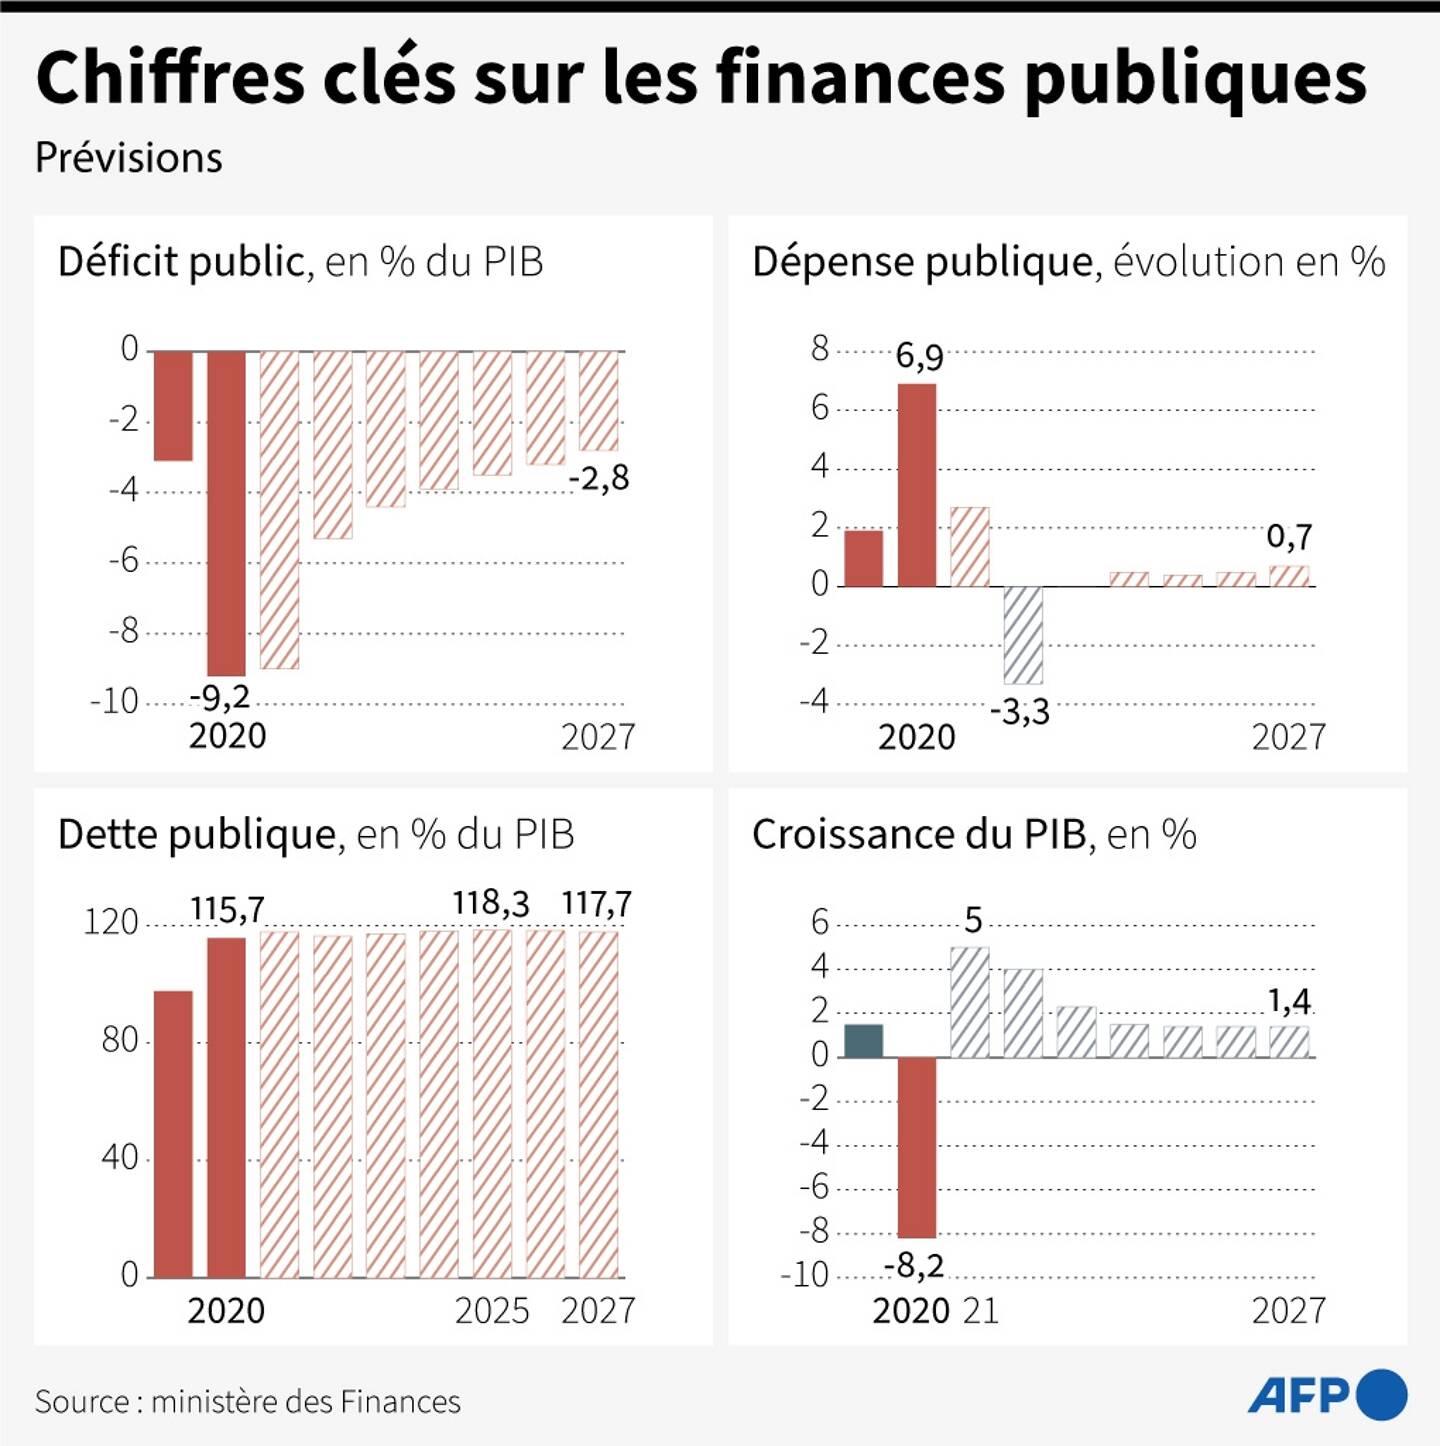 Chiffres clés sur les finances publiques